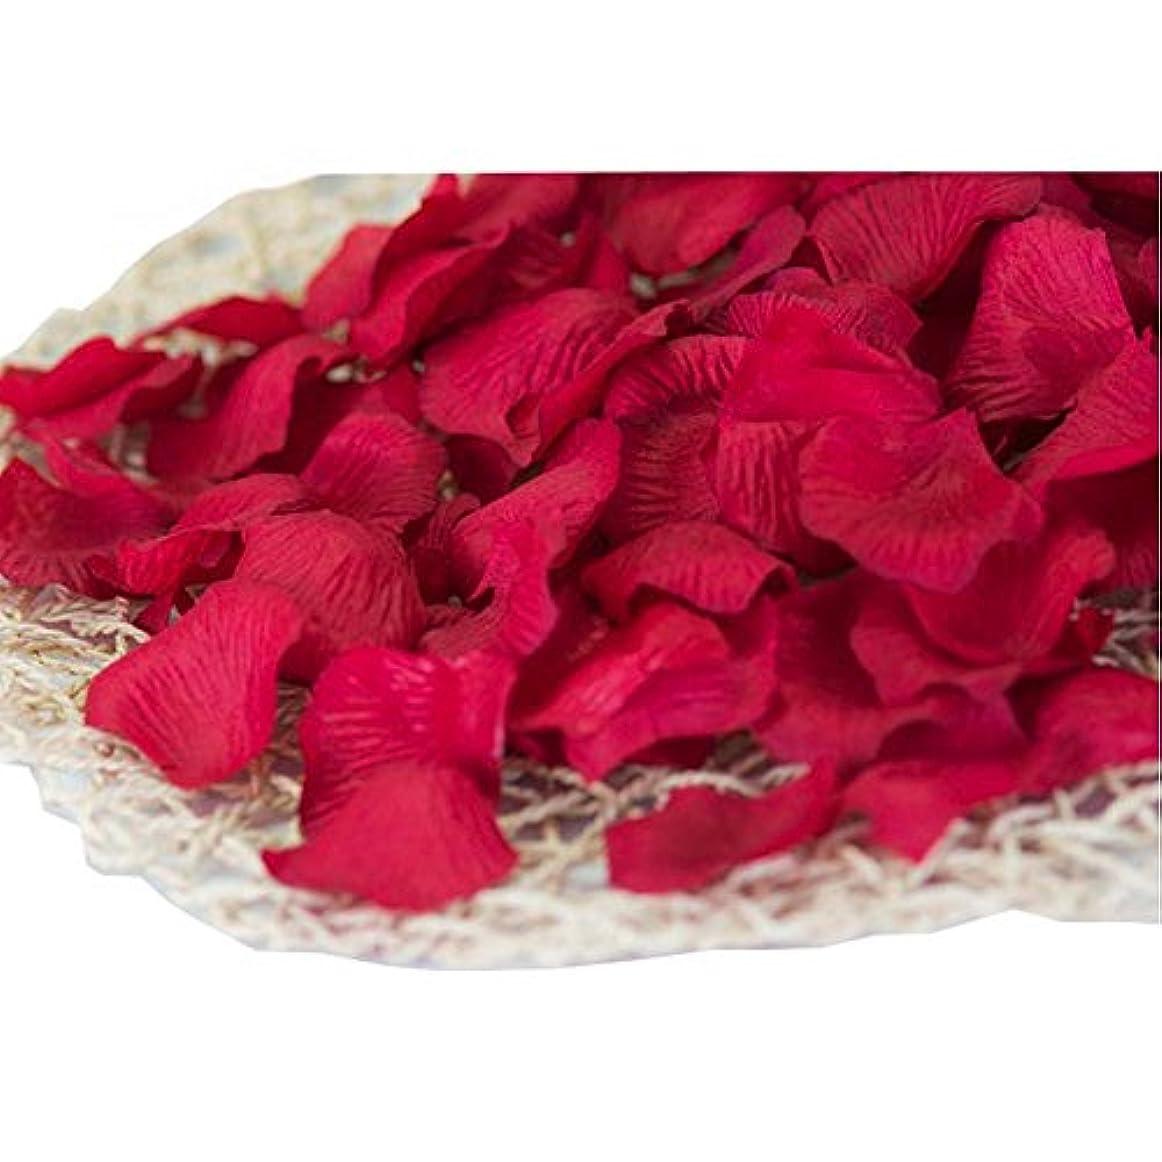 浅い汚染する突っ込む840の結婚式のための暗赤色の人工ローズフラワーの花びら